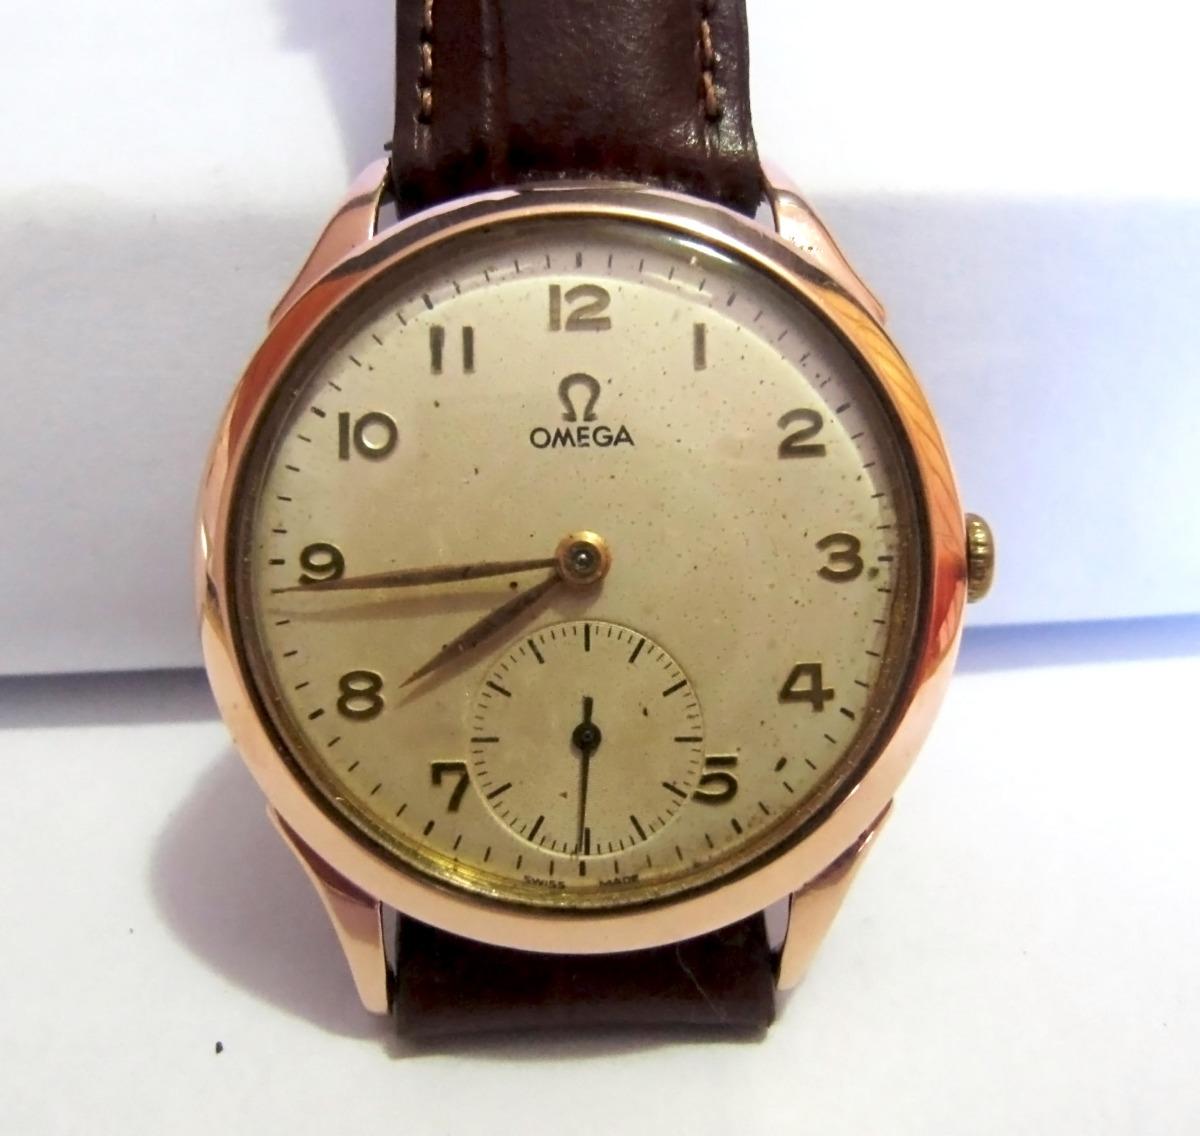 b907540b89f relógio omega a corda manual de ouro 18k antigo colecionador. Carregando  zoom.